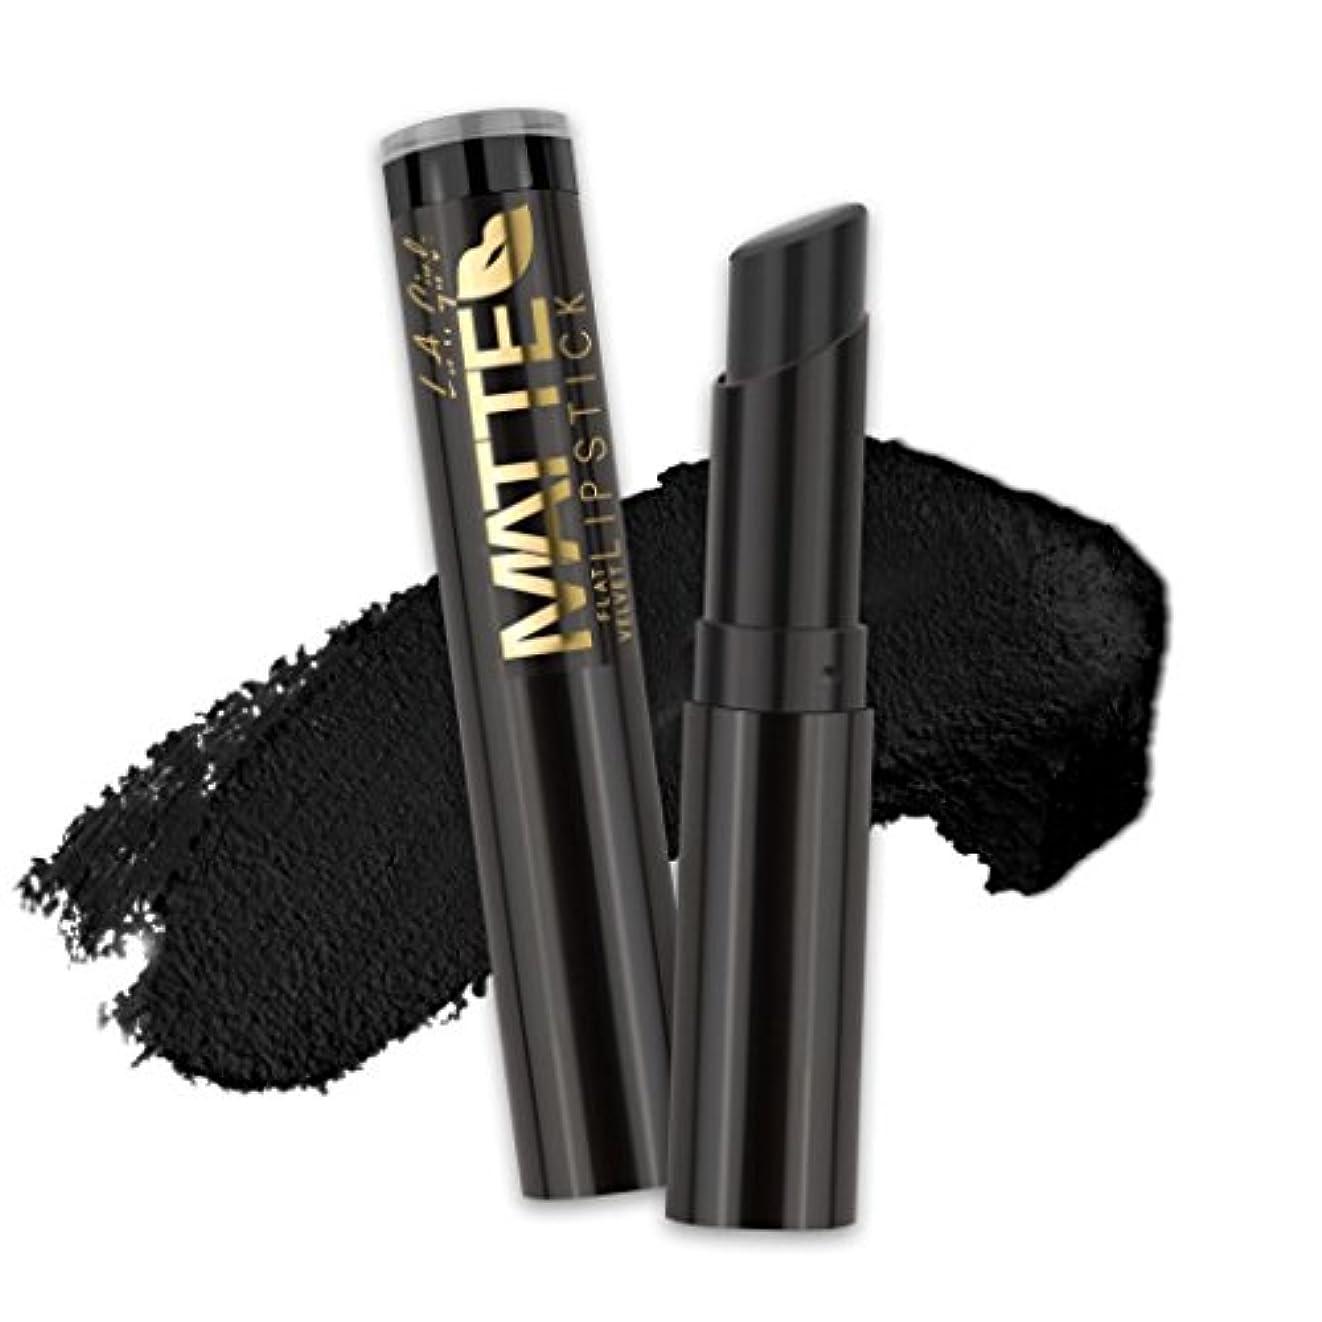 インタネットを見るぬるい非武装化(3 Pack) L.A. GIRL Matte Flat Velvet Lipstick - Raven (並行輸入品)